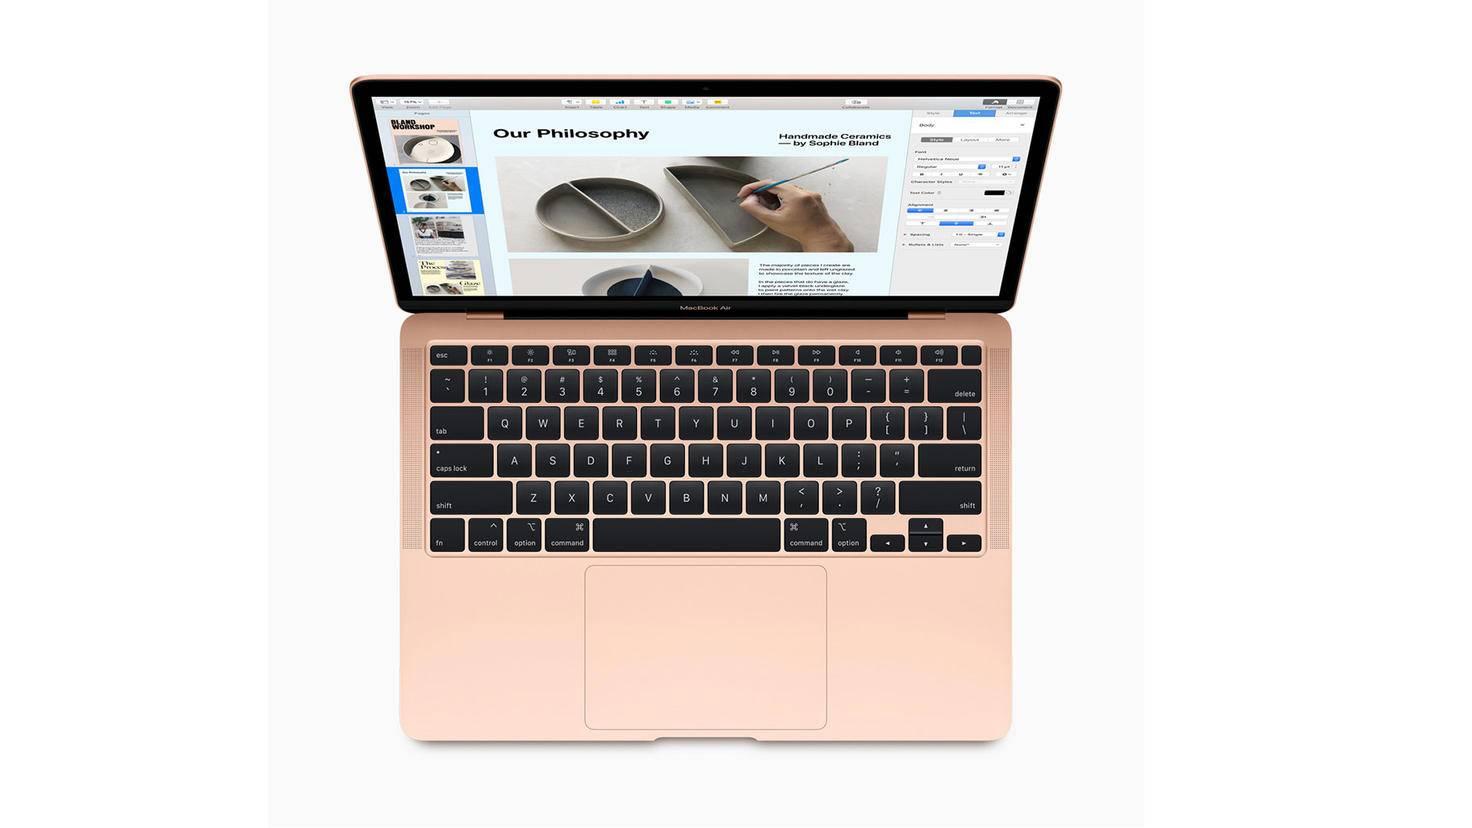 macbook-air-20